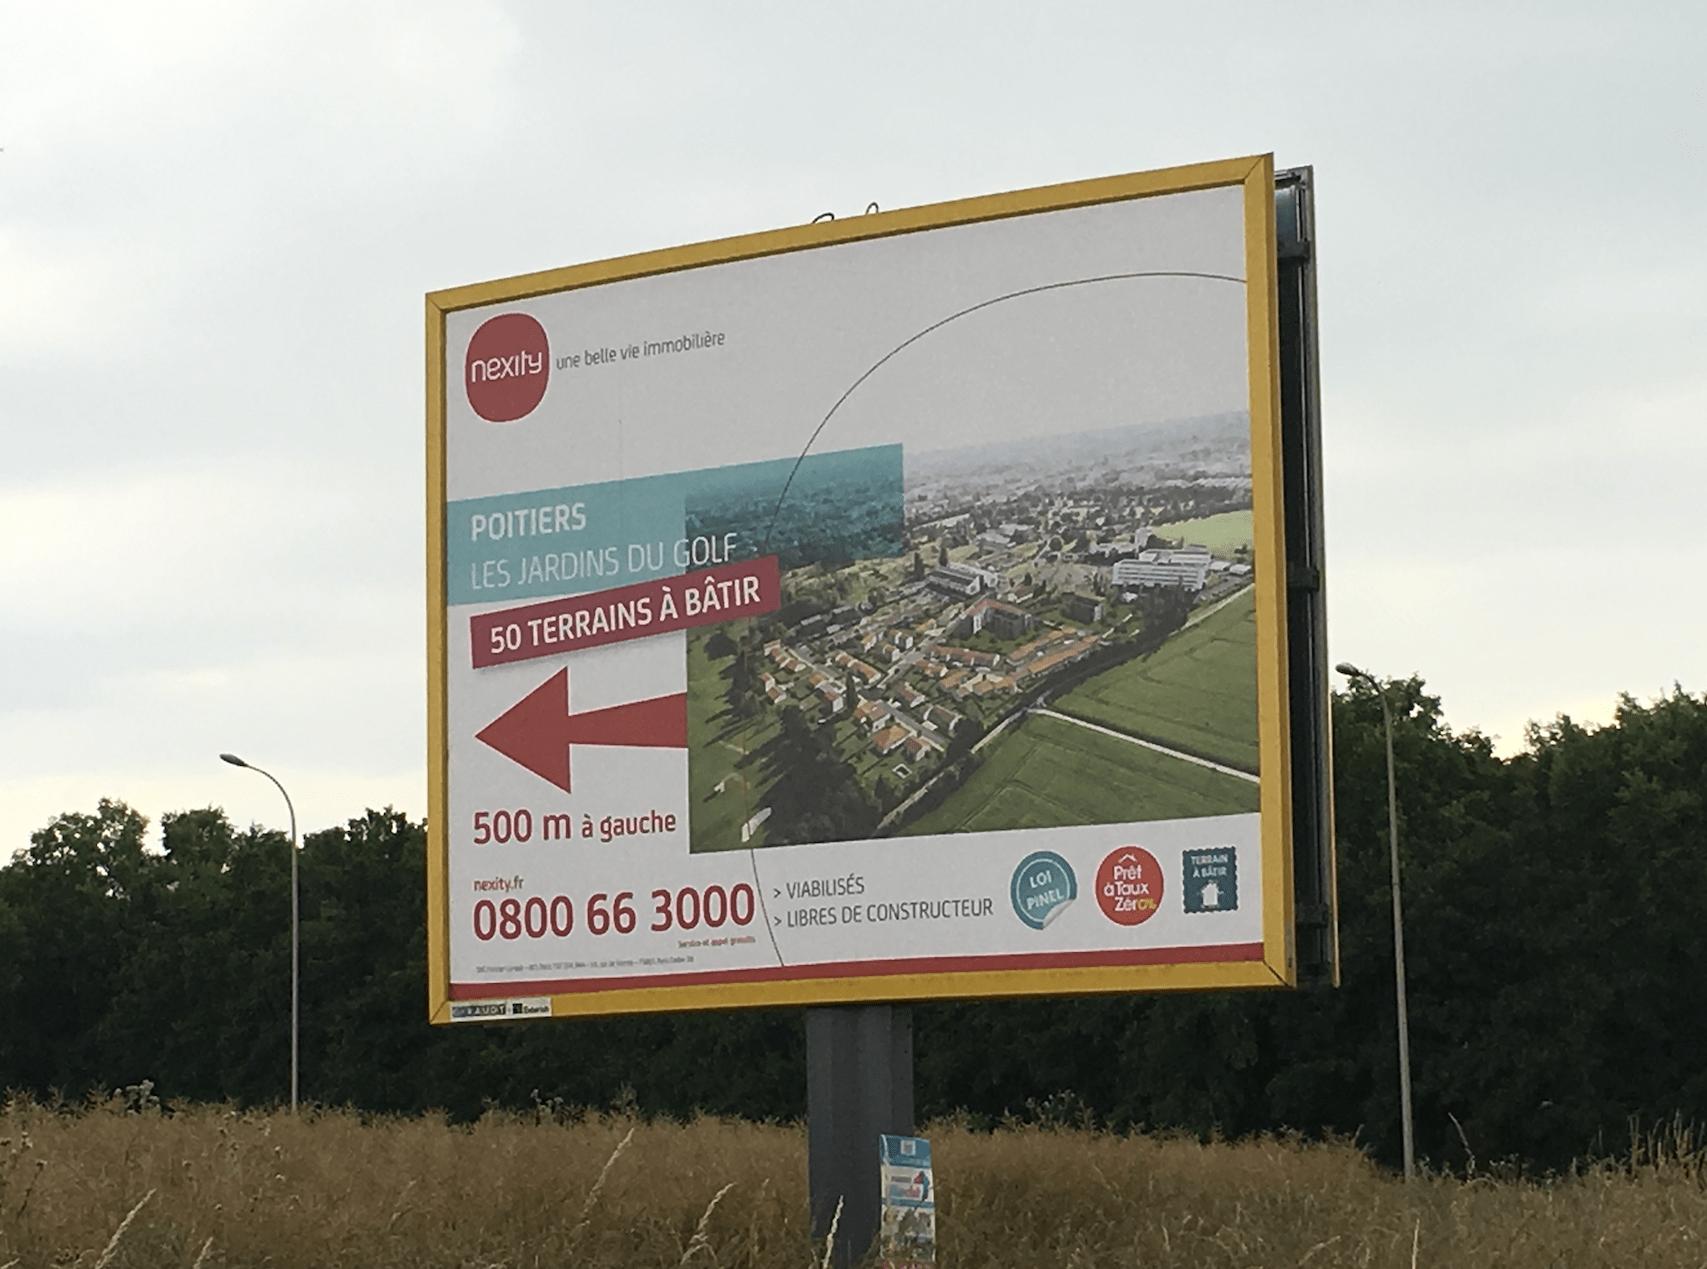 Photos en drone à Poitiers et campagne de communication dans la vienne 86